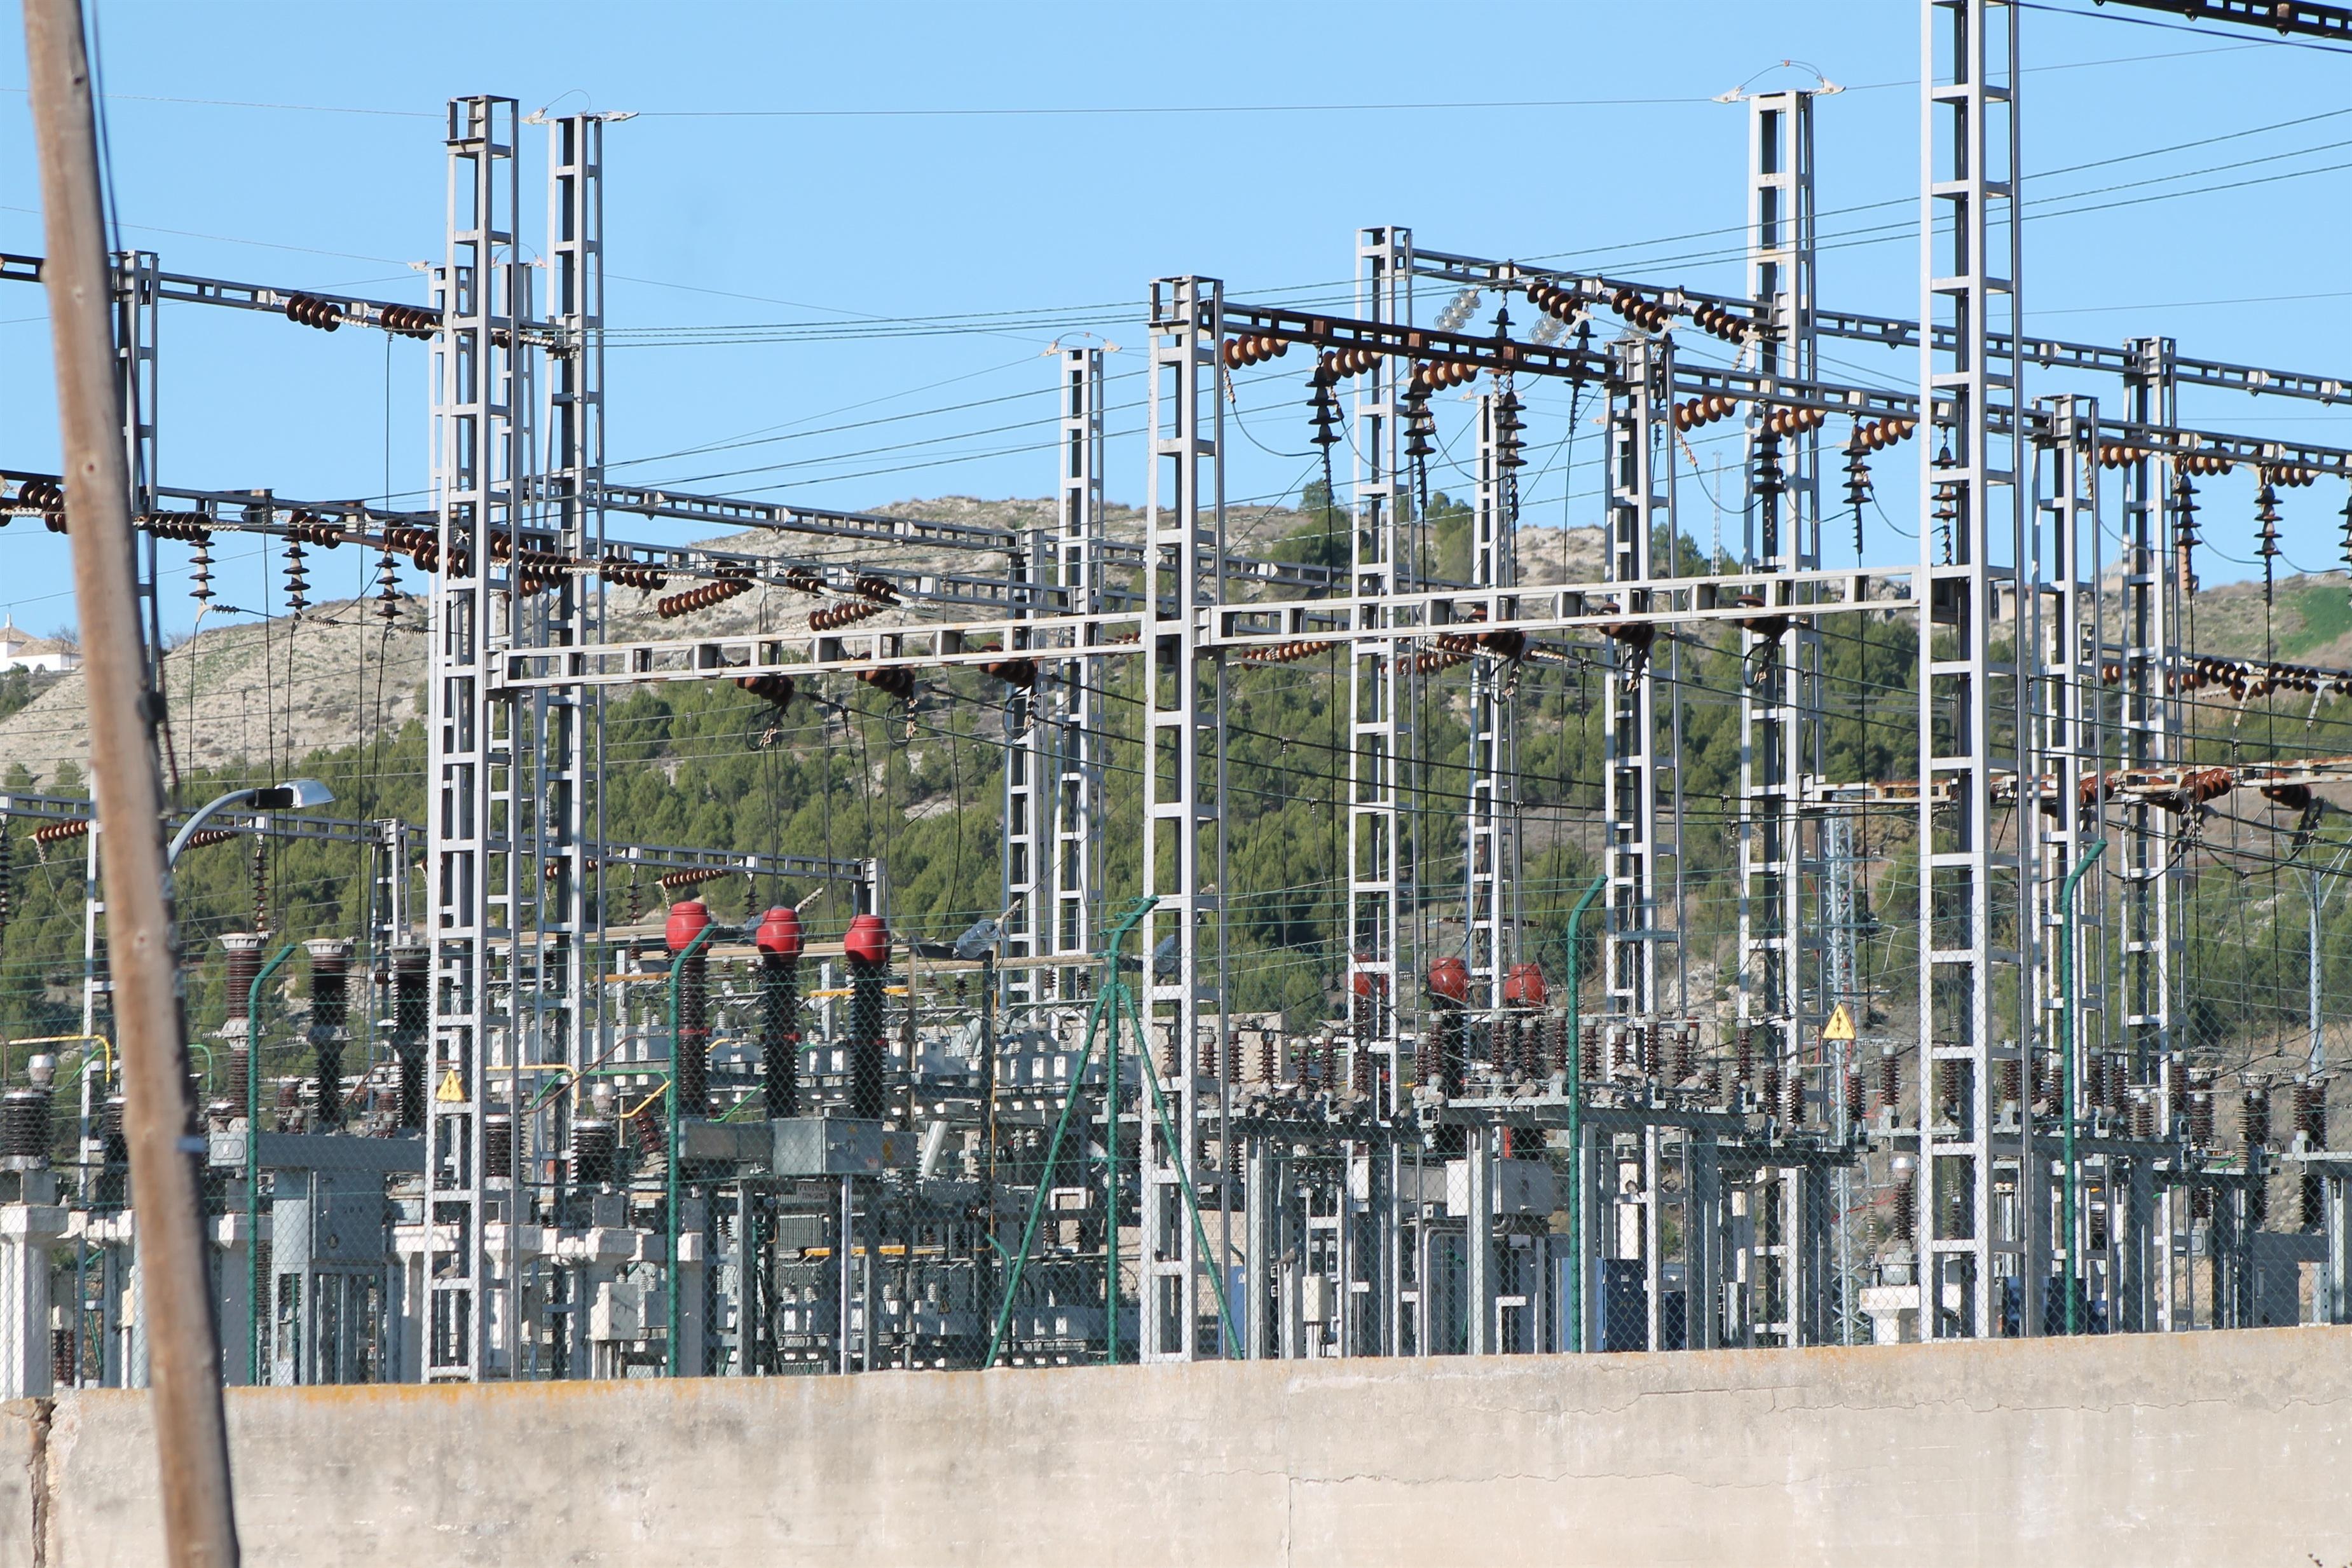 PSOE propone en su reforma alternativa revisar las subastas eléctricas y acabar con retroactividades